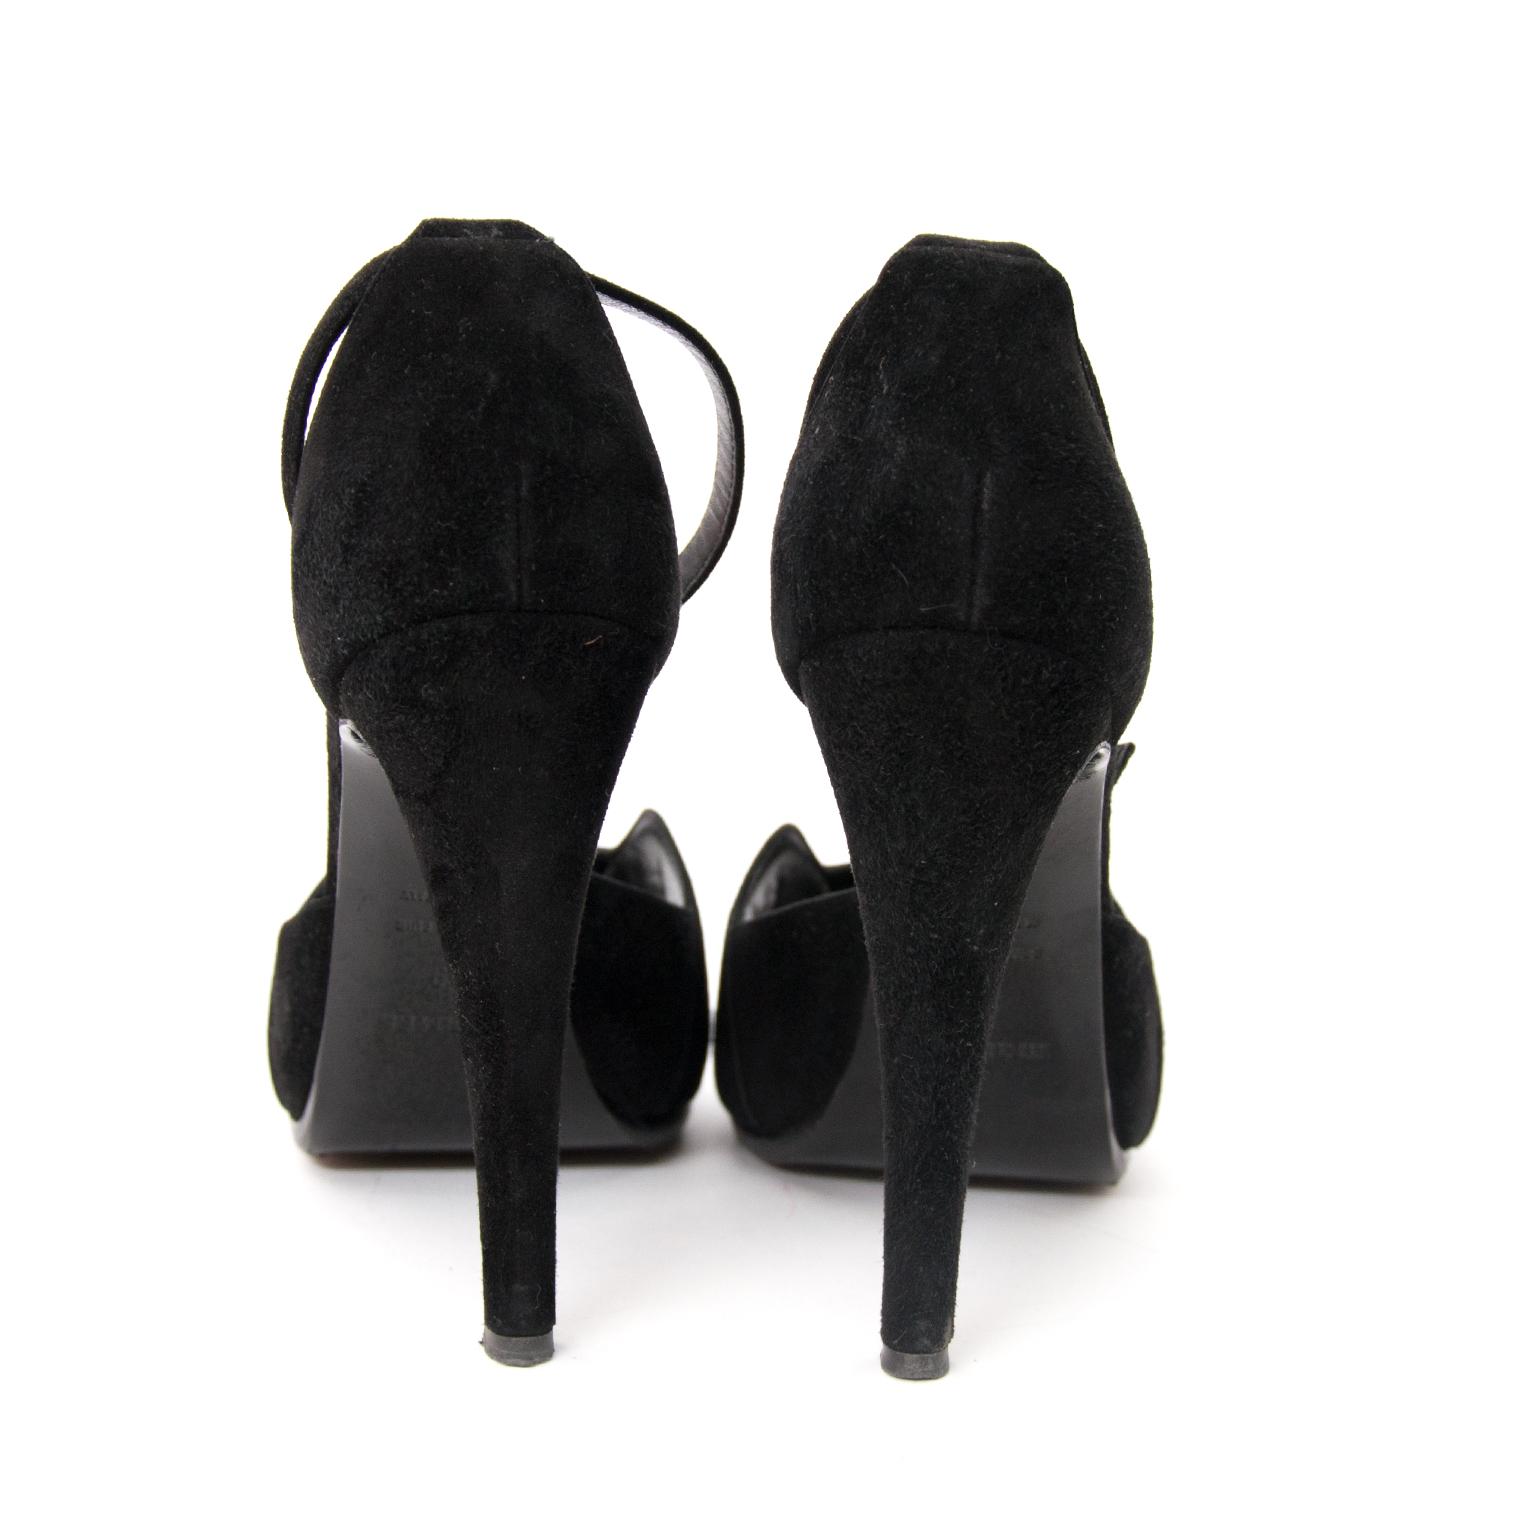 koop veilig online aan de beste prijs Hermès Suede Night Sandals - Size 39